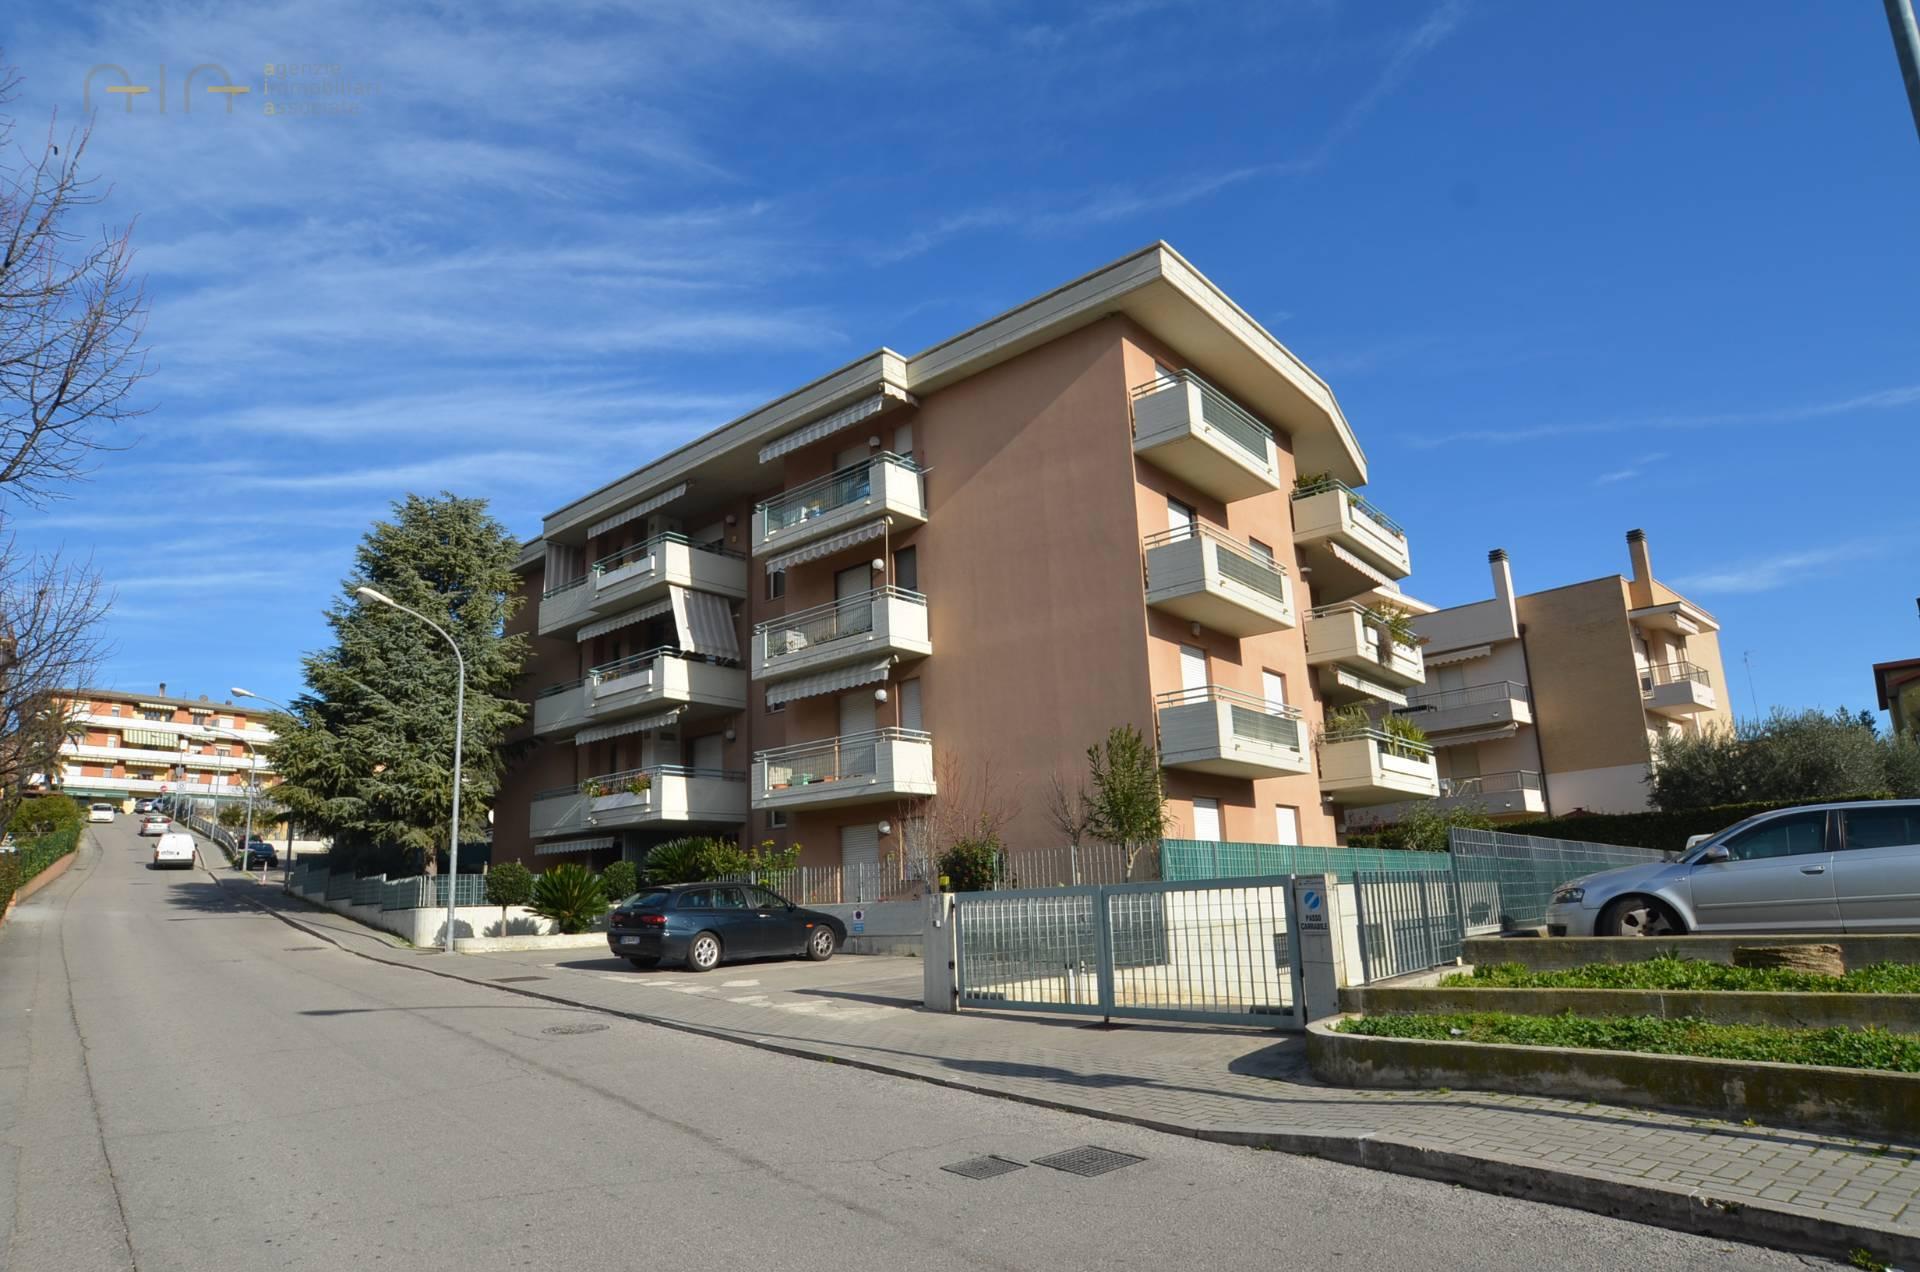 Appartamento in vendita a San Benedetto del Tronto, 4 locali, zona Località: Residenzialenord(aldisopradellass16, prezzo € 198.000 | PortaleAgenzieImmobiliari.it